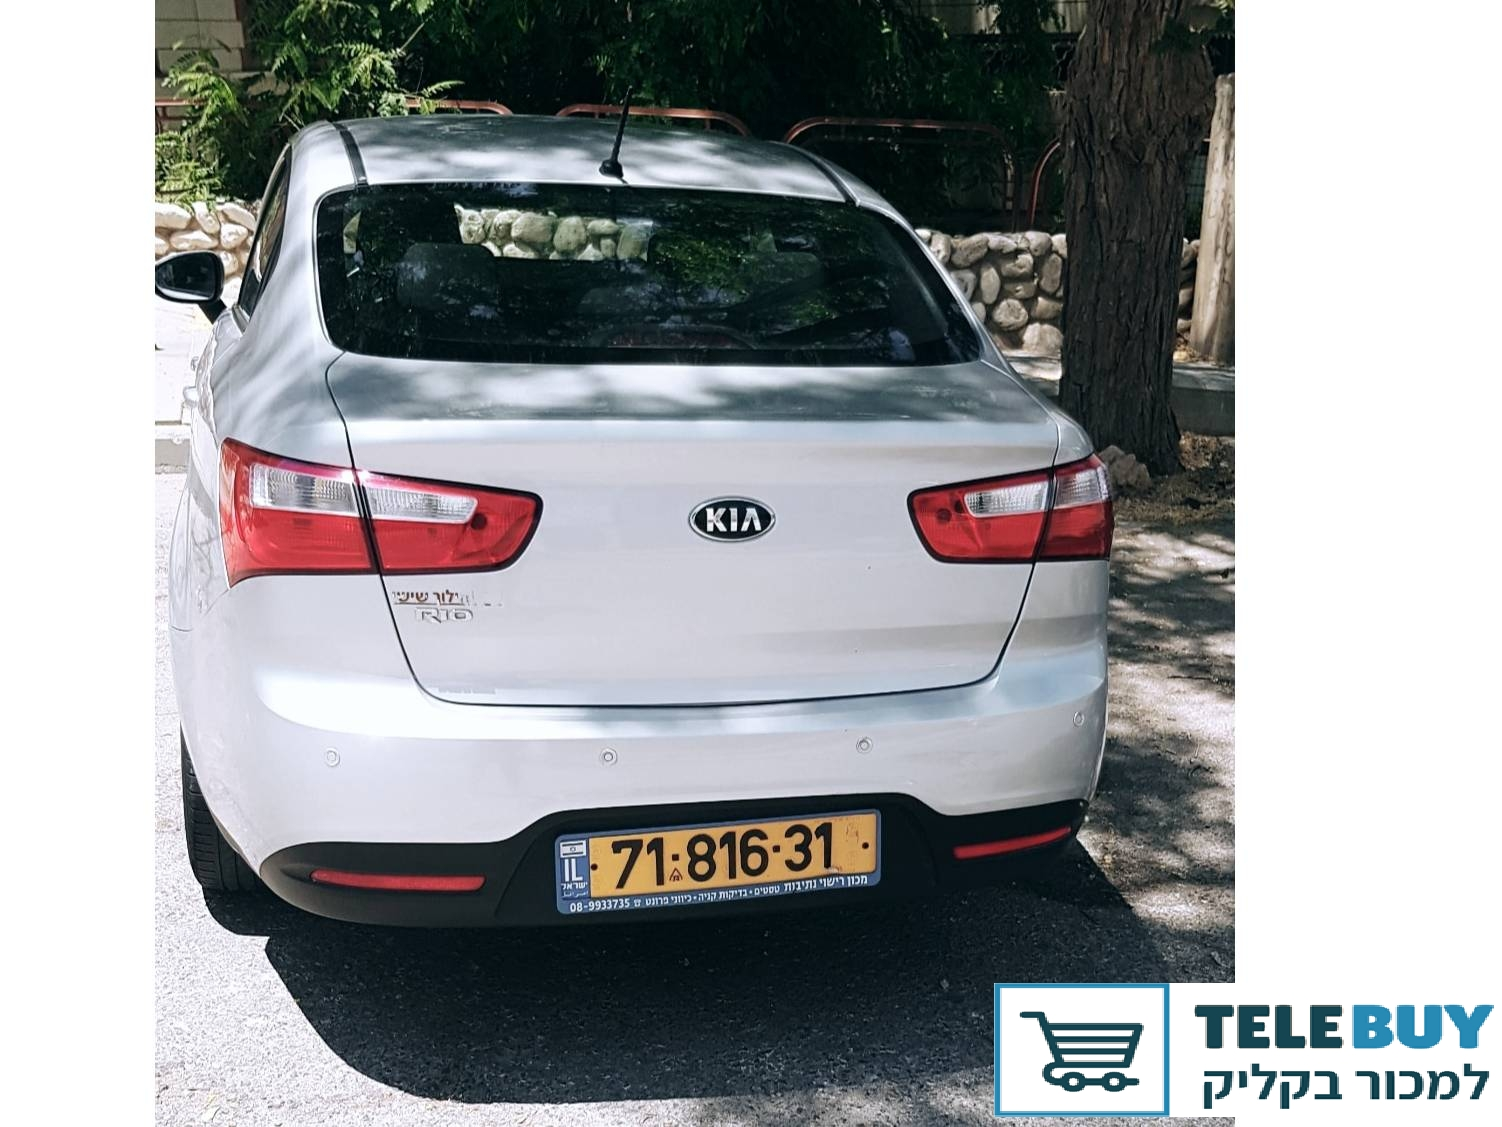 רכב פרטי קיה ריו בבאר-שבע והסביבה